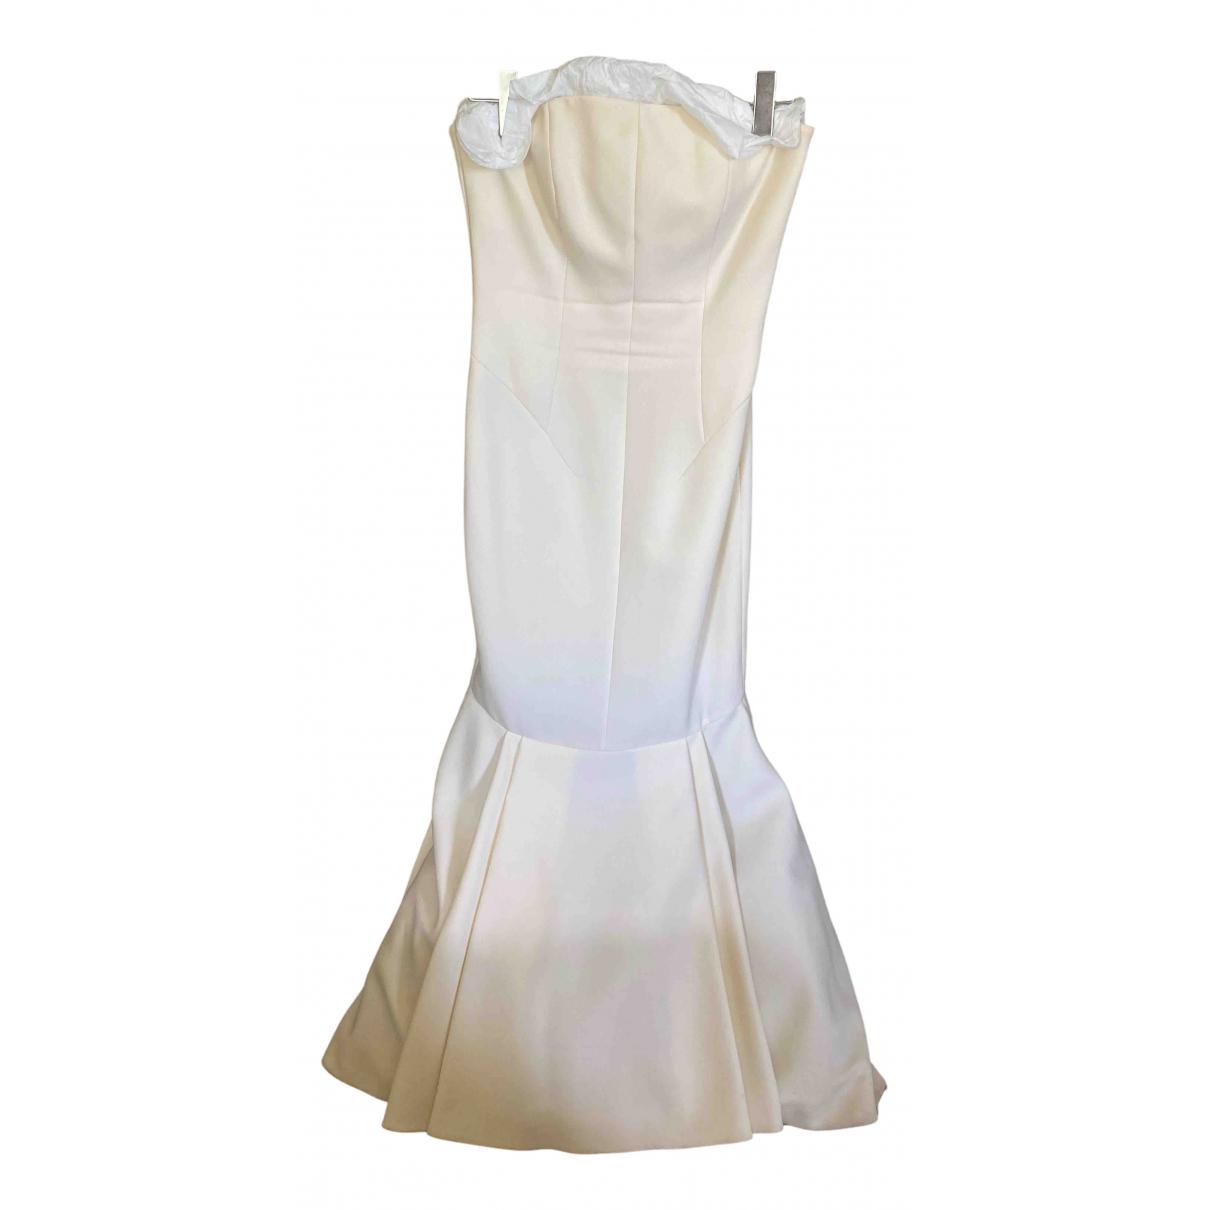 La Mania \N Kleid in  Ecru Wolle